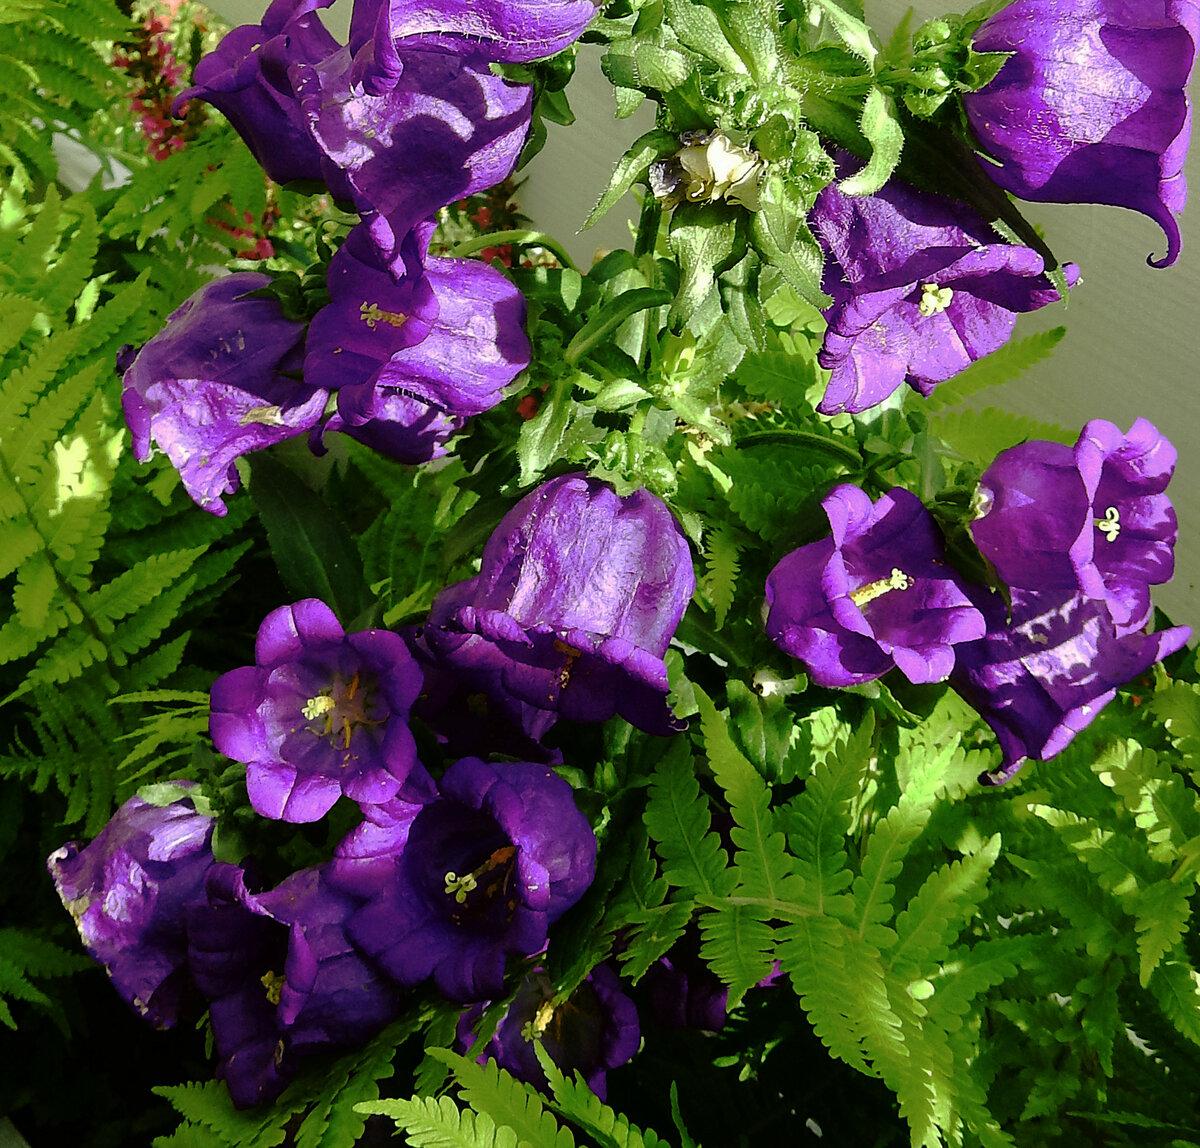 колокольчики фото цветов в саду скачать